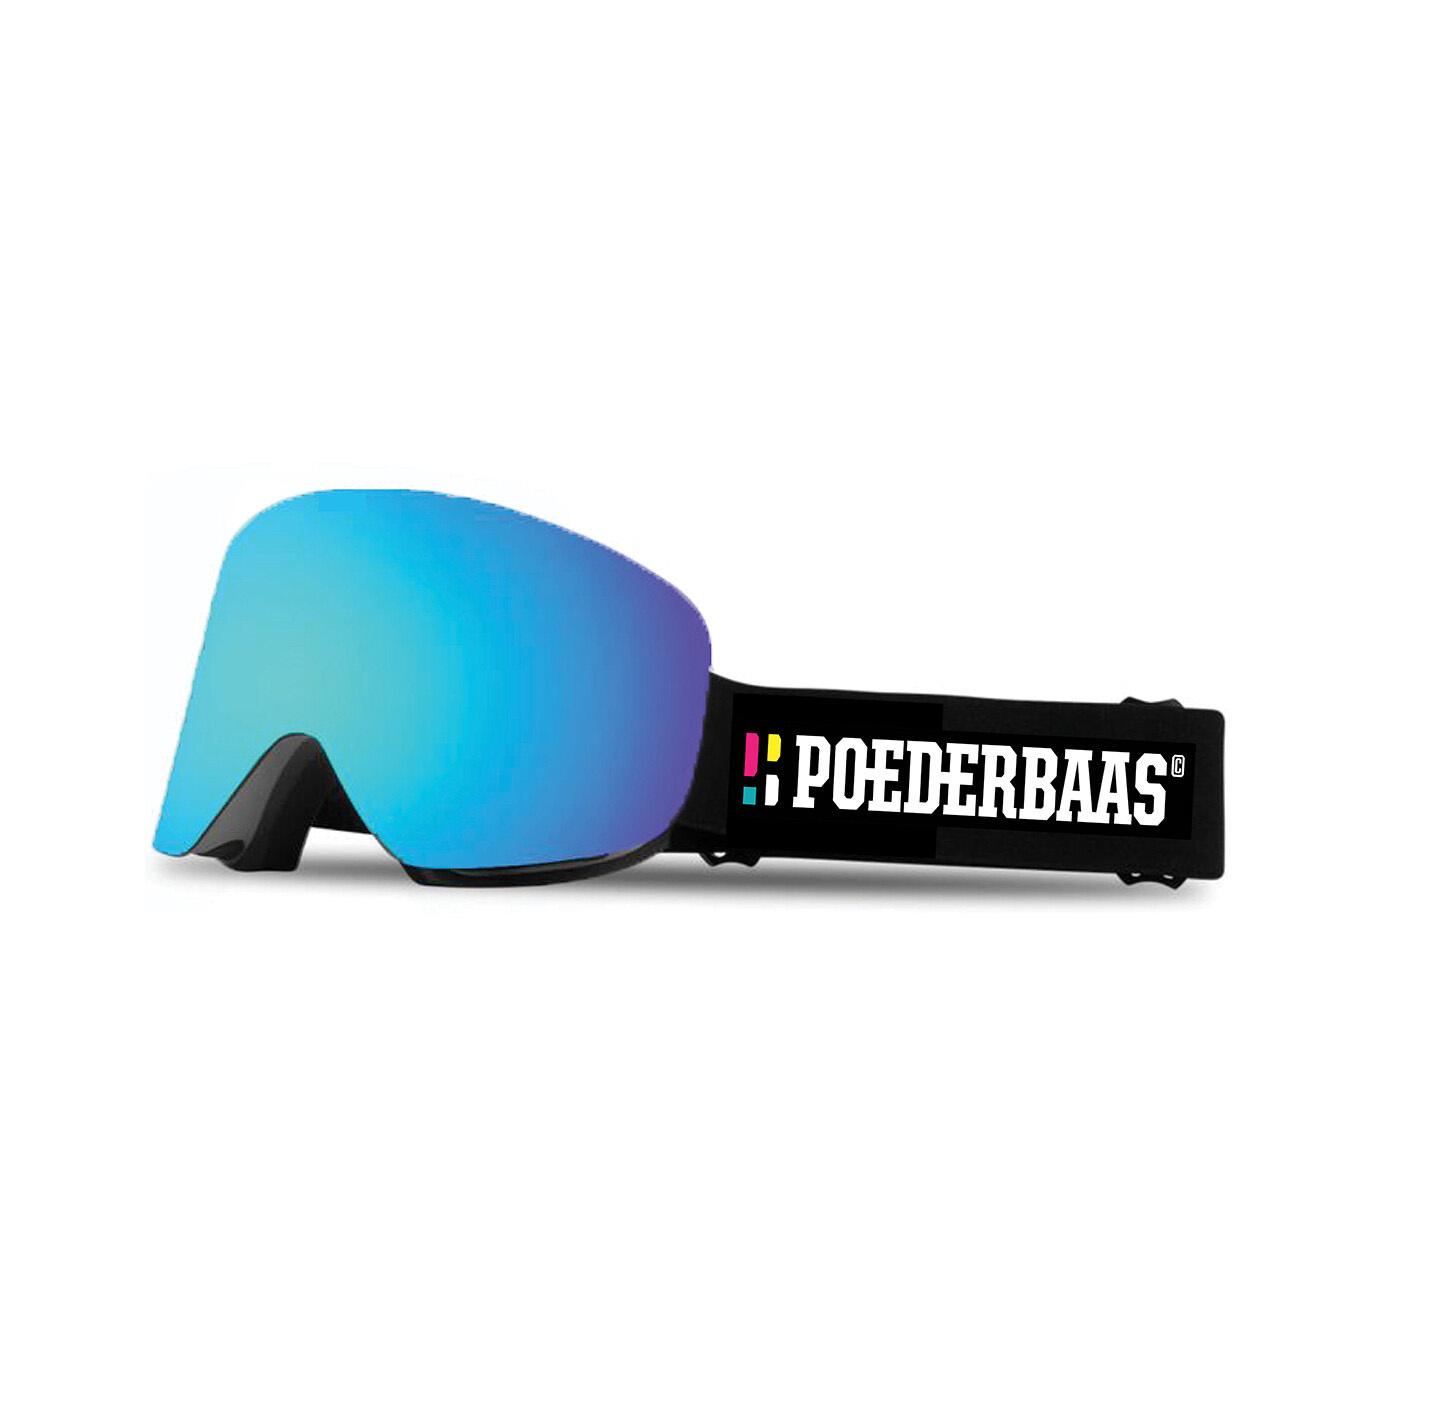 Een skibril die geschikt is voor zonnig weer